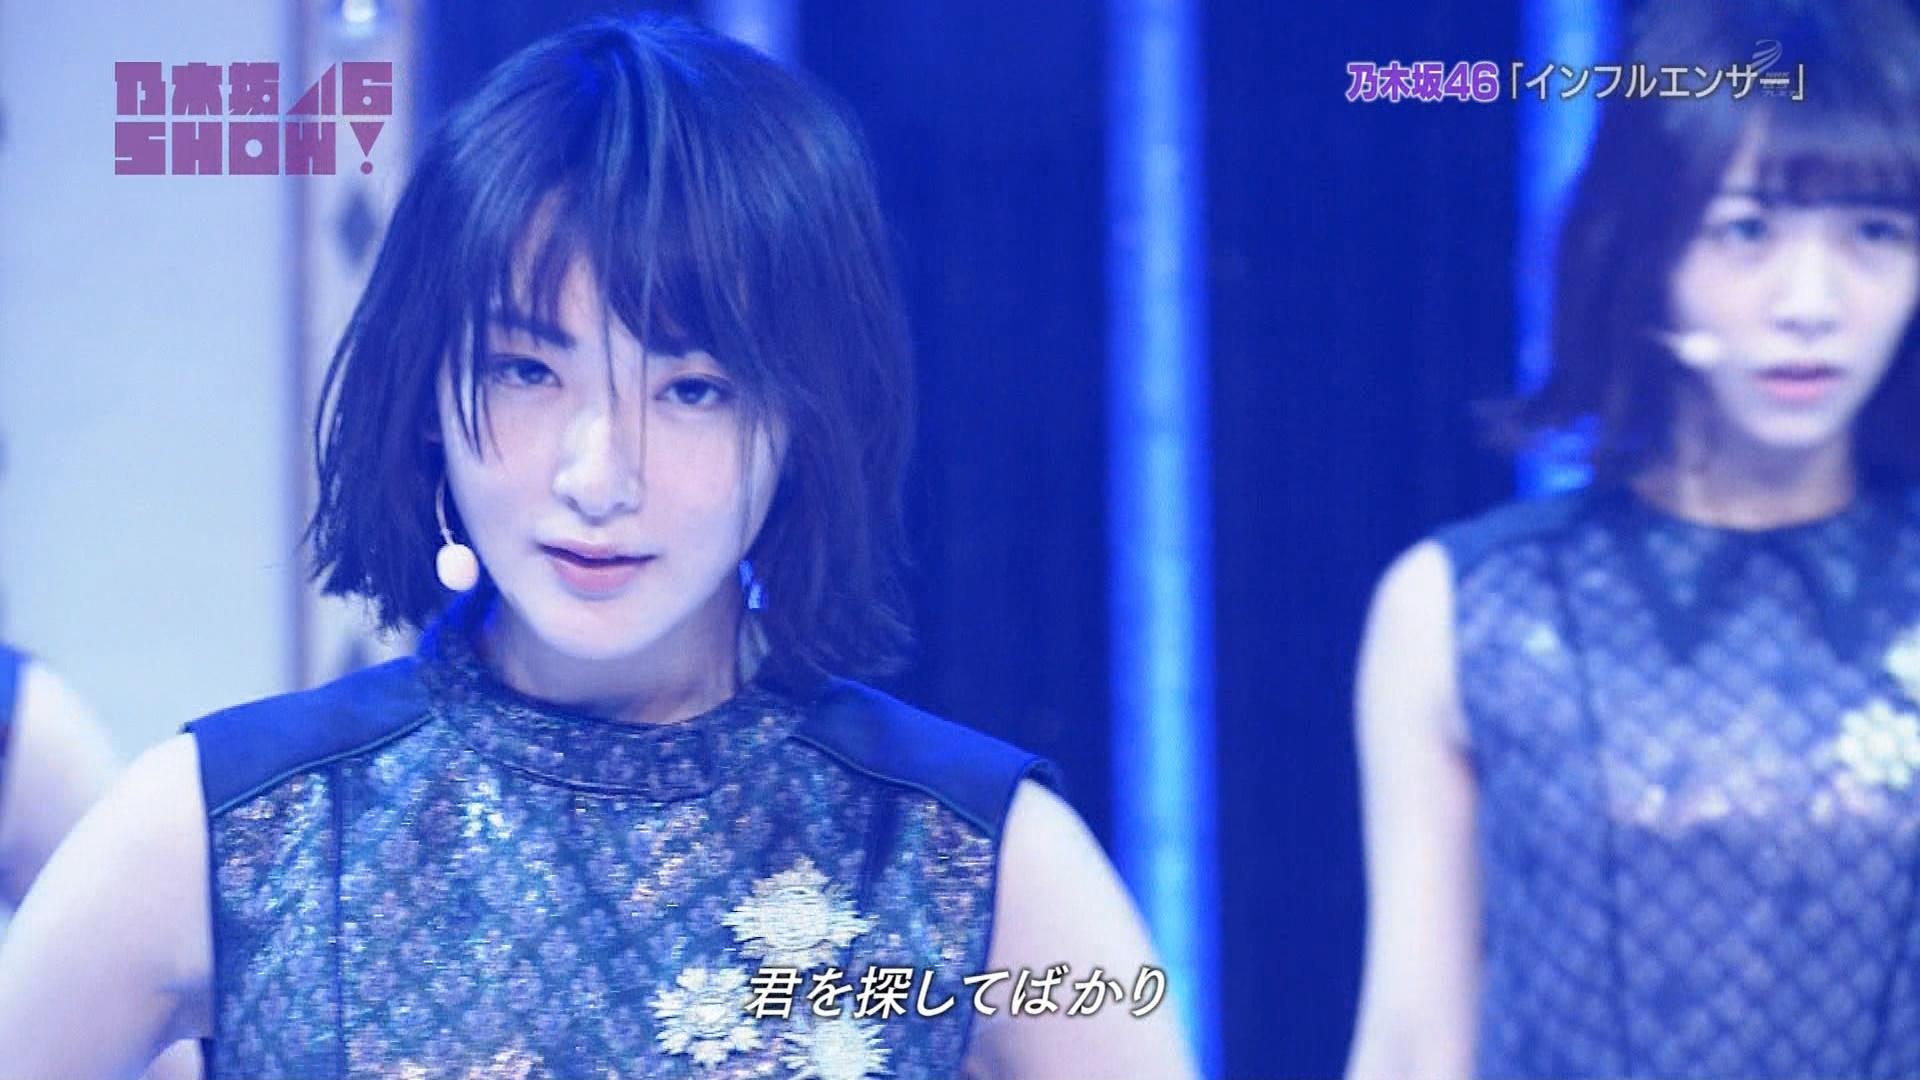 乃木坂46 SHOW! (AKB48SHOW「#150」)★1 [無断転載禁止]©2ch.netYouTube動画>1本 ->画像>660枚